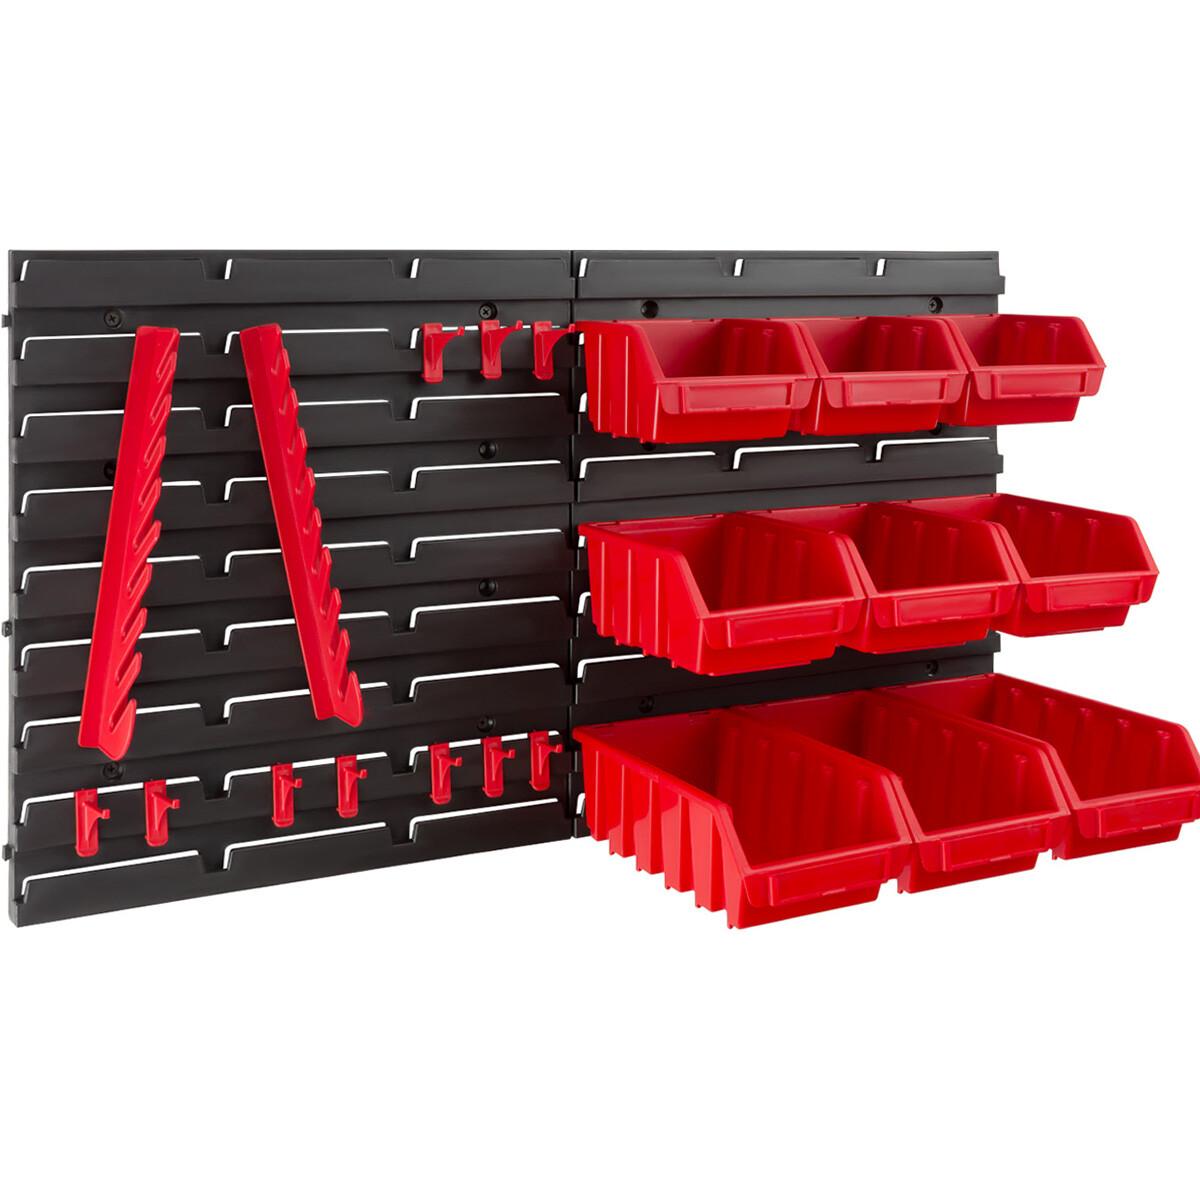 Werkzeughalter für Lochwand rot Stecksystem für Wandplatte